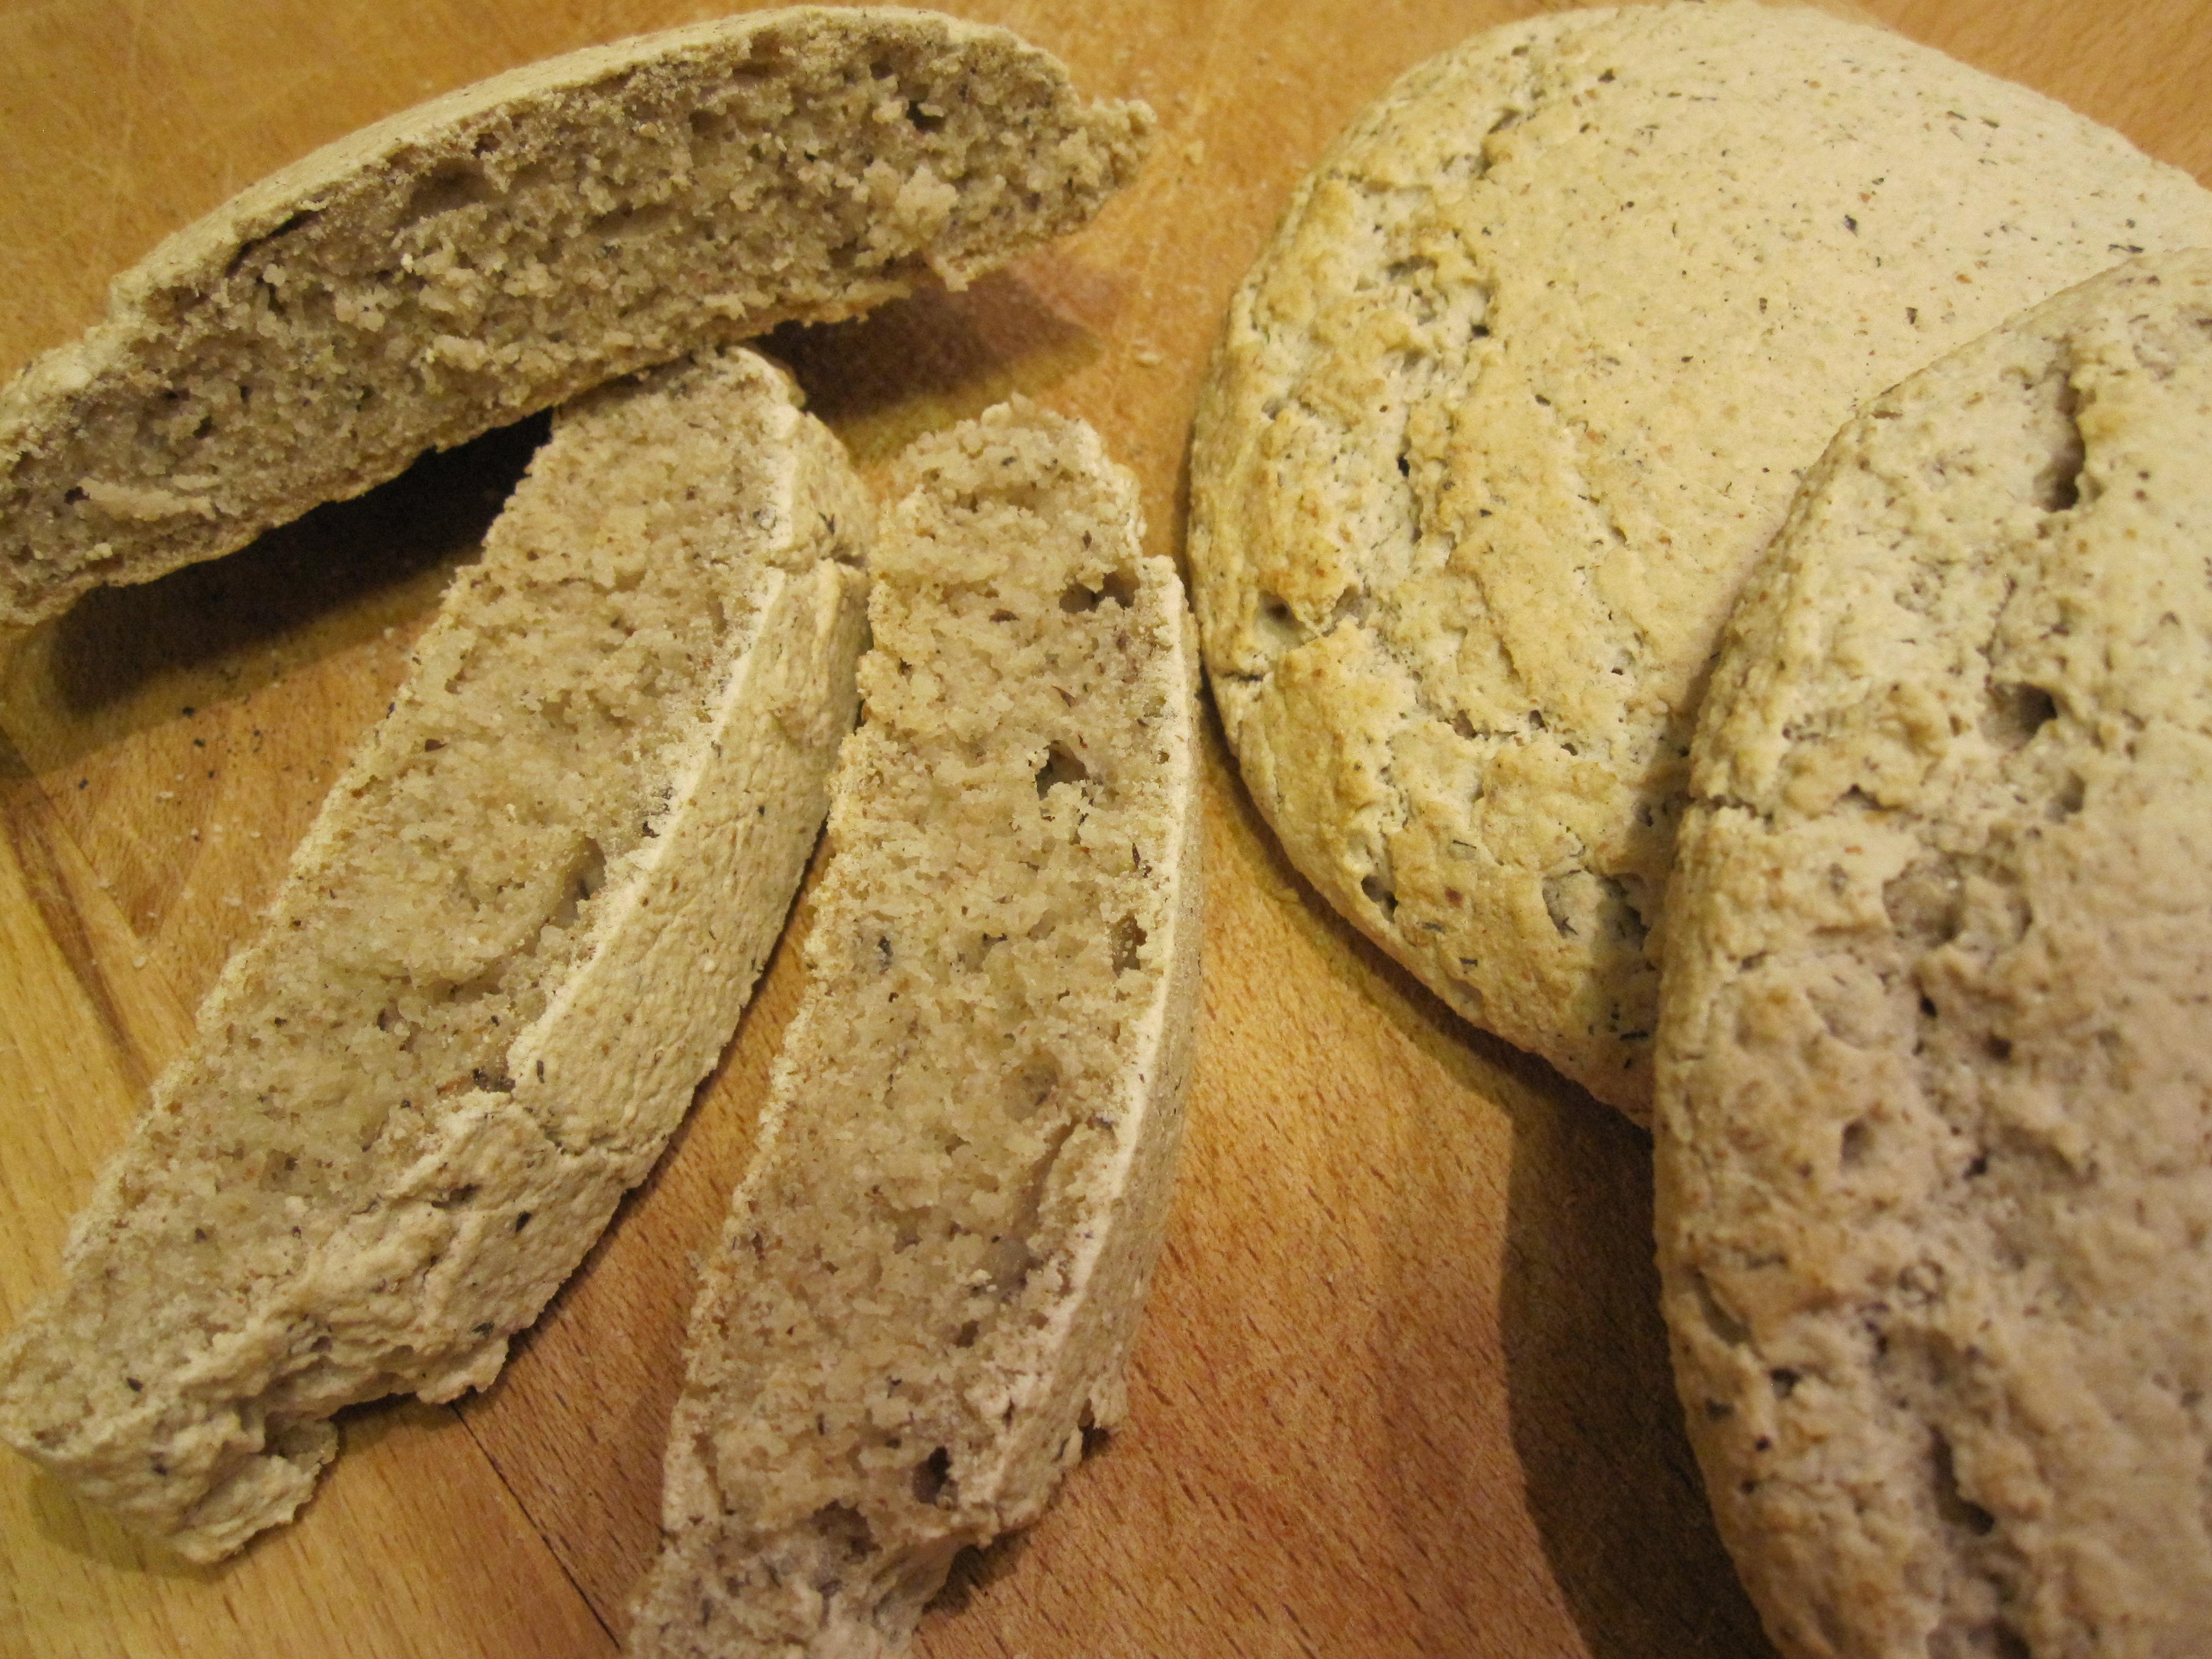 Pane Senza Glutine Integrale 1.0 La Mia Cucina Vegetale #A17C2A 4000 3000 Cucina Mediterranea Senza Glutine